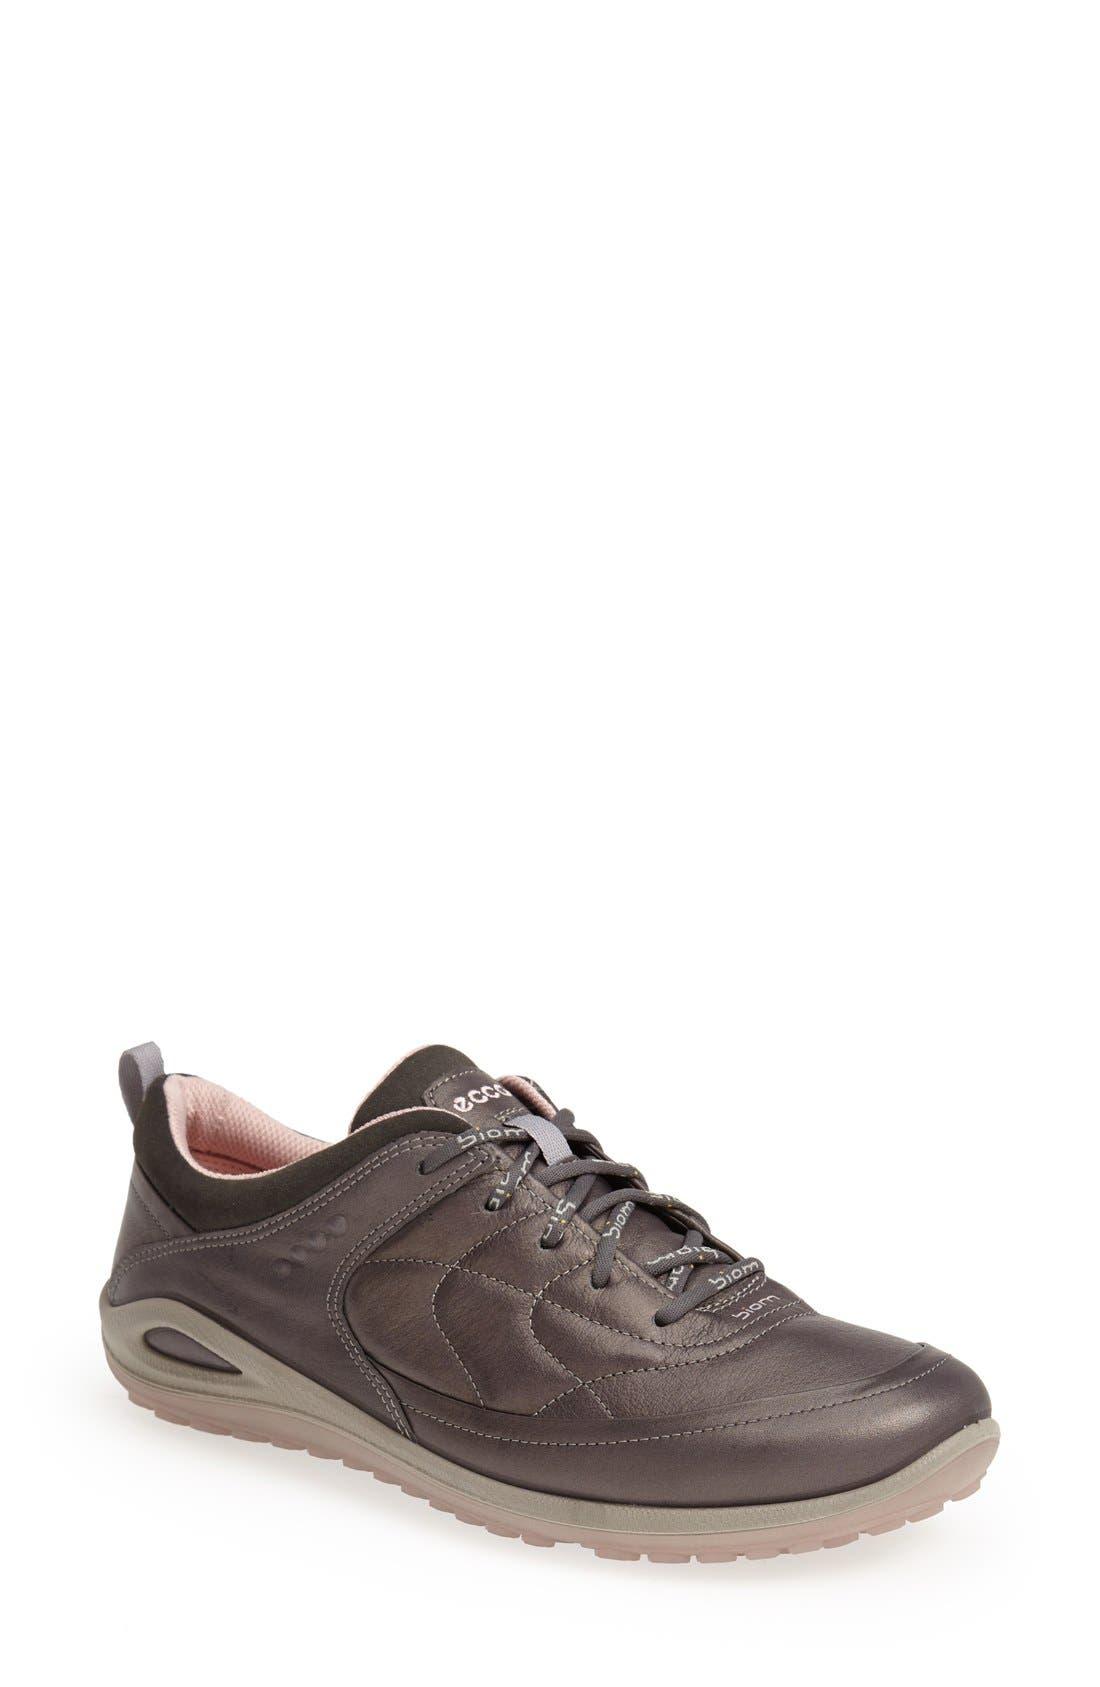 'Biom Grip Lite' Sneaker, Main, color, 023